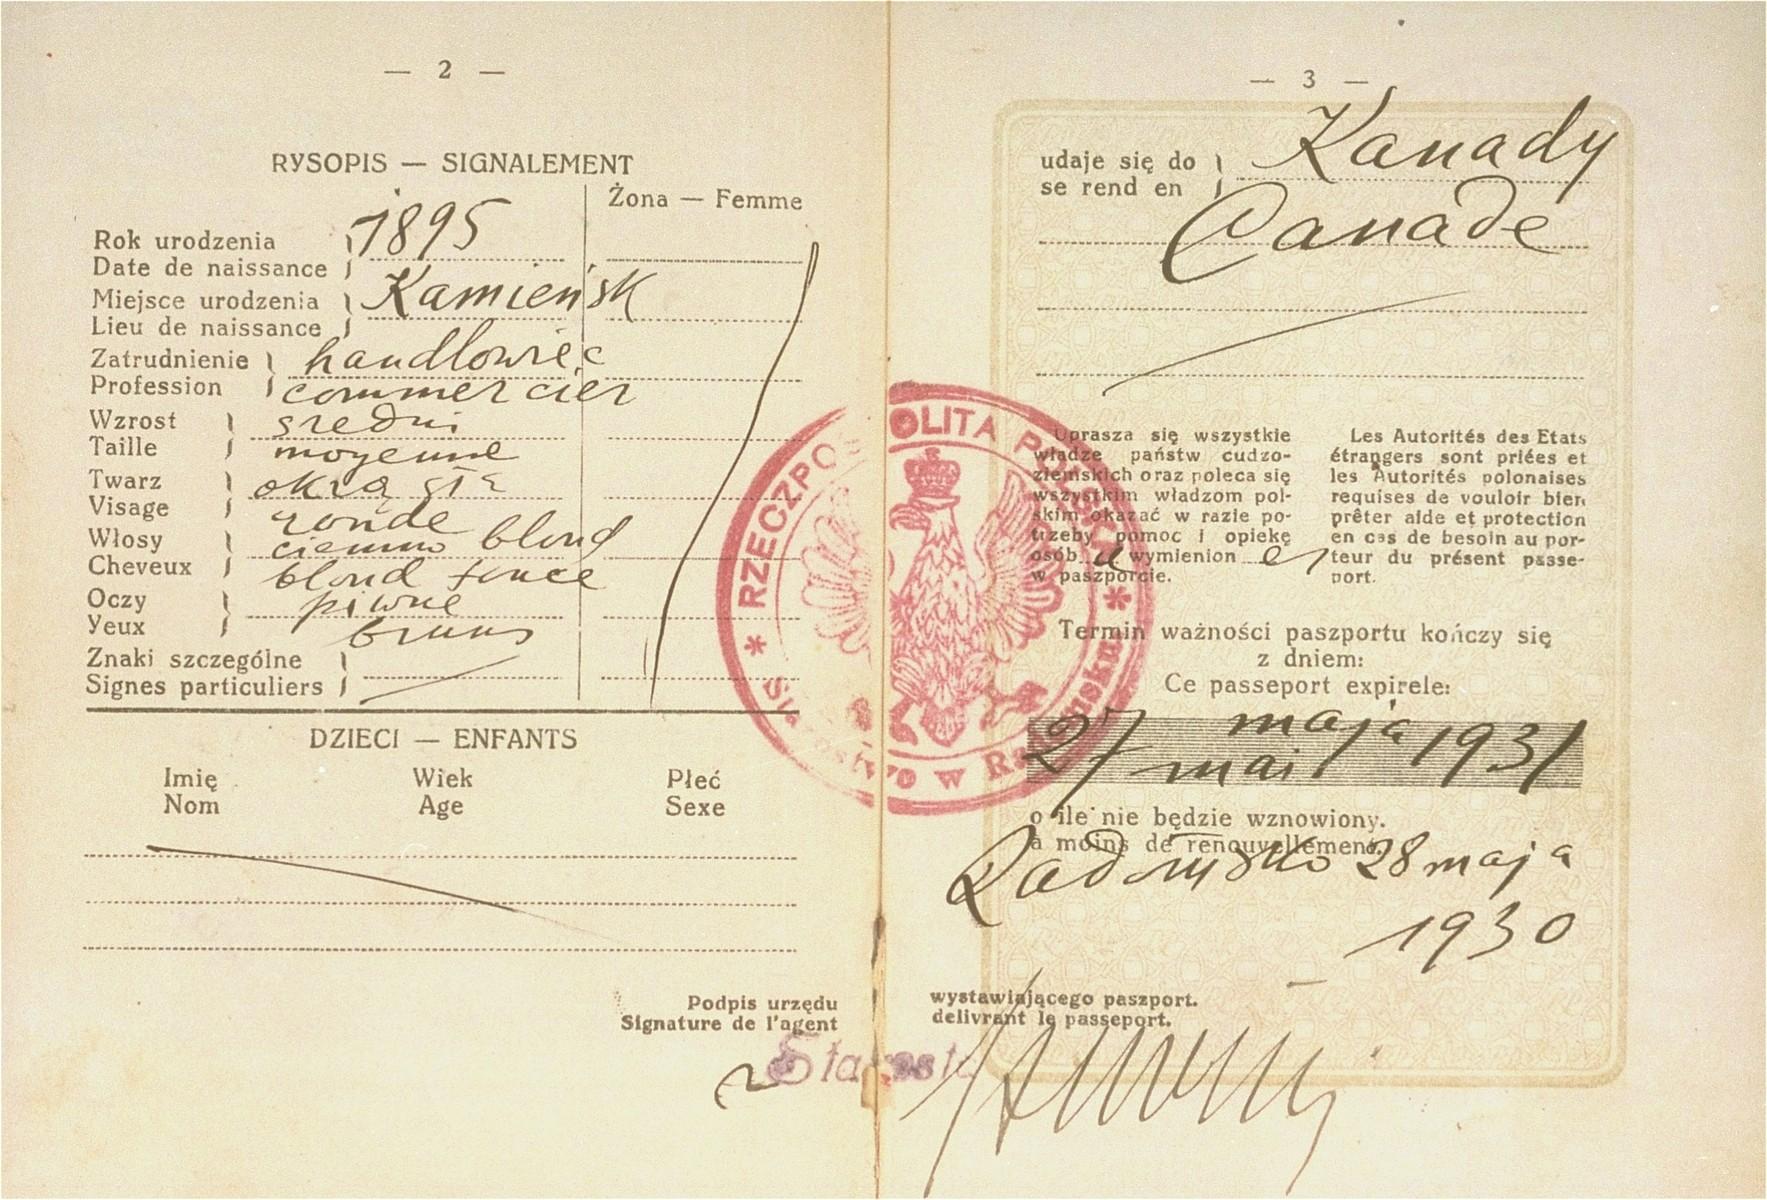 Passport of Lejbus Goldberg.